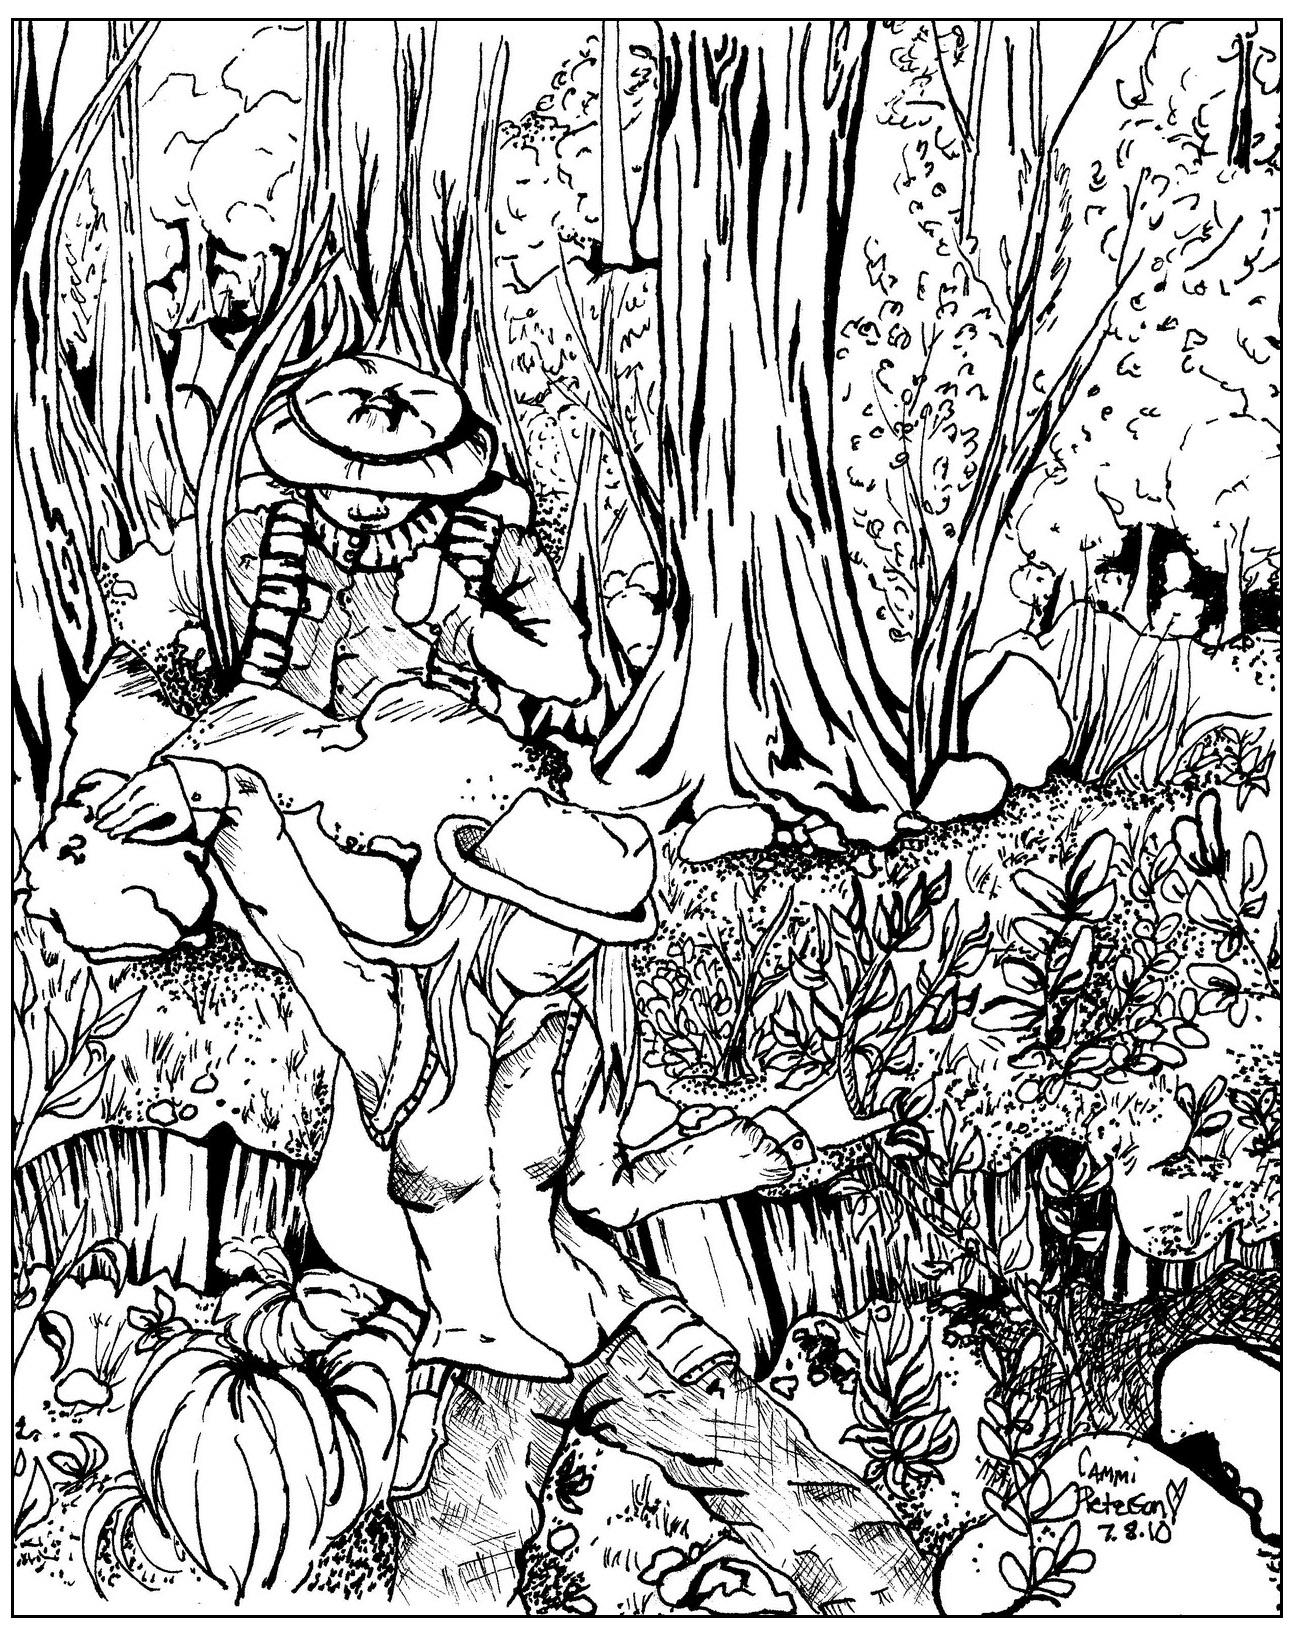 Ce coloriage pourrait s'appeler 'Perdus dans la forêt !'